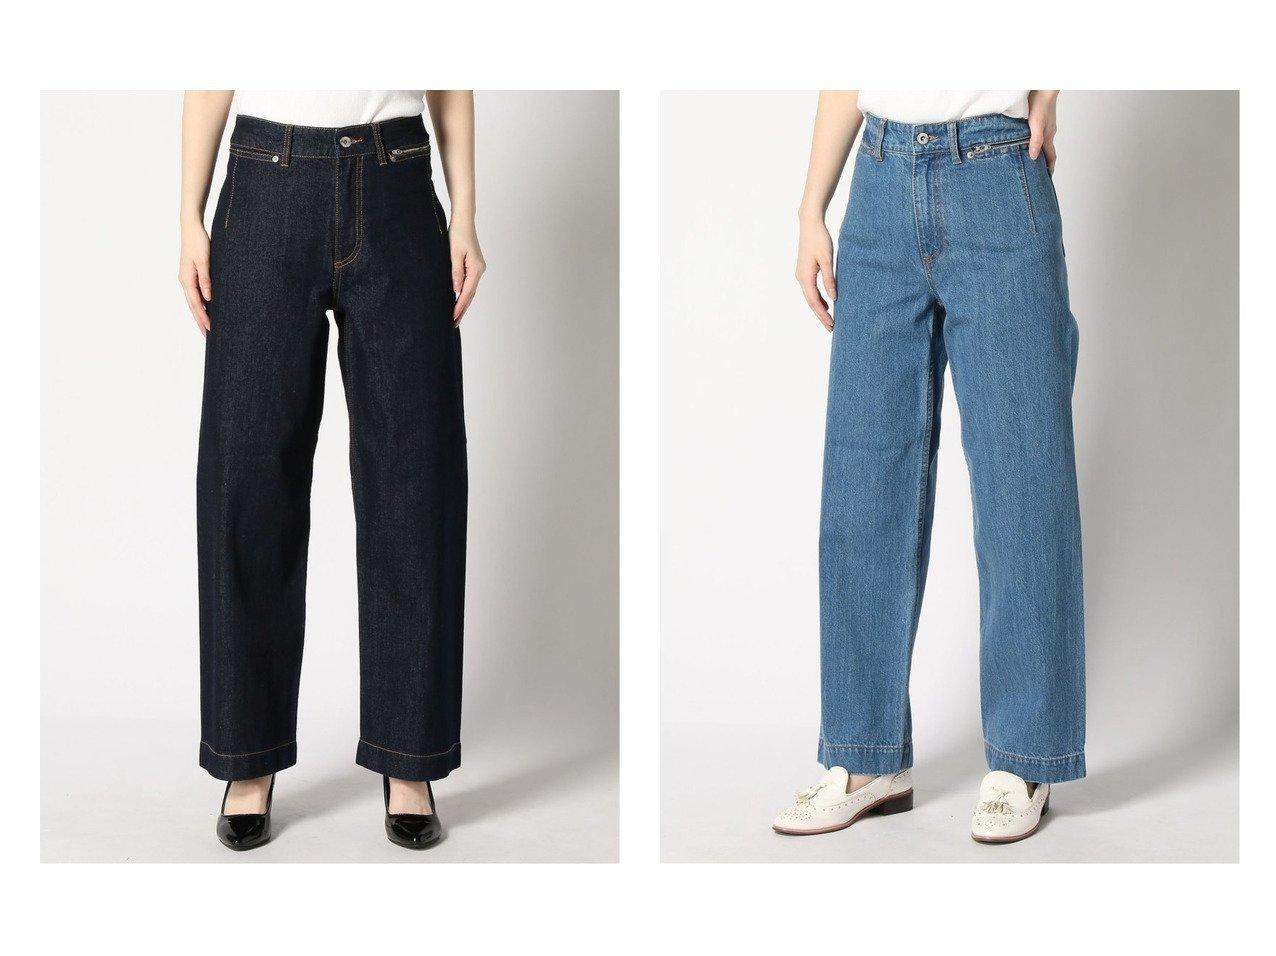 【SLOBE IENA/スローブ イエナ】のLE DENIM BAGGY PT Re.Re.Re. パンツのおすすめ!人気、トレンド・レディースファッションの通販 おすすめで人気の流行・トレンド、ファッションの通販商品 メンズファッション・キッズファッション・インテリア・家具・レディースファッション・服の通販 founy(ファニー) https://founy.com/ ファッション Fashion レディースファッション WOMEN パンツ Pants 2020年 2020 2020-2021 秋冬 A/W AW Autumn/Winter / FW Fall-Winter 2020-2021 A/W 秋冬 AW Autumn/Winter / FW Fall-Winter ジーンズ |ID:crp329100000023262